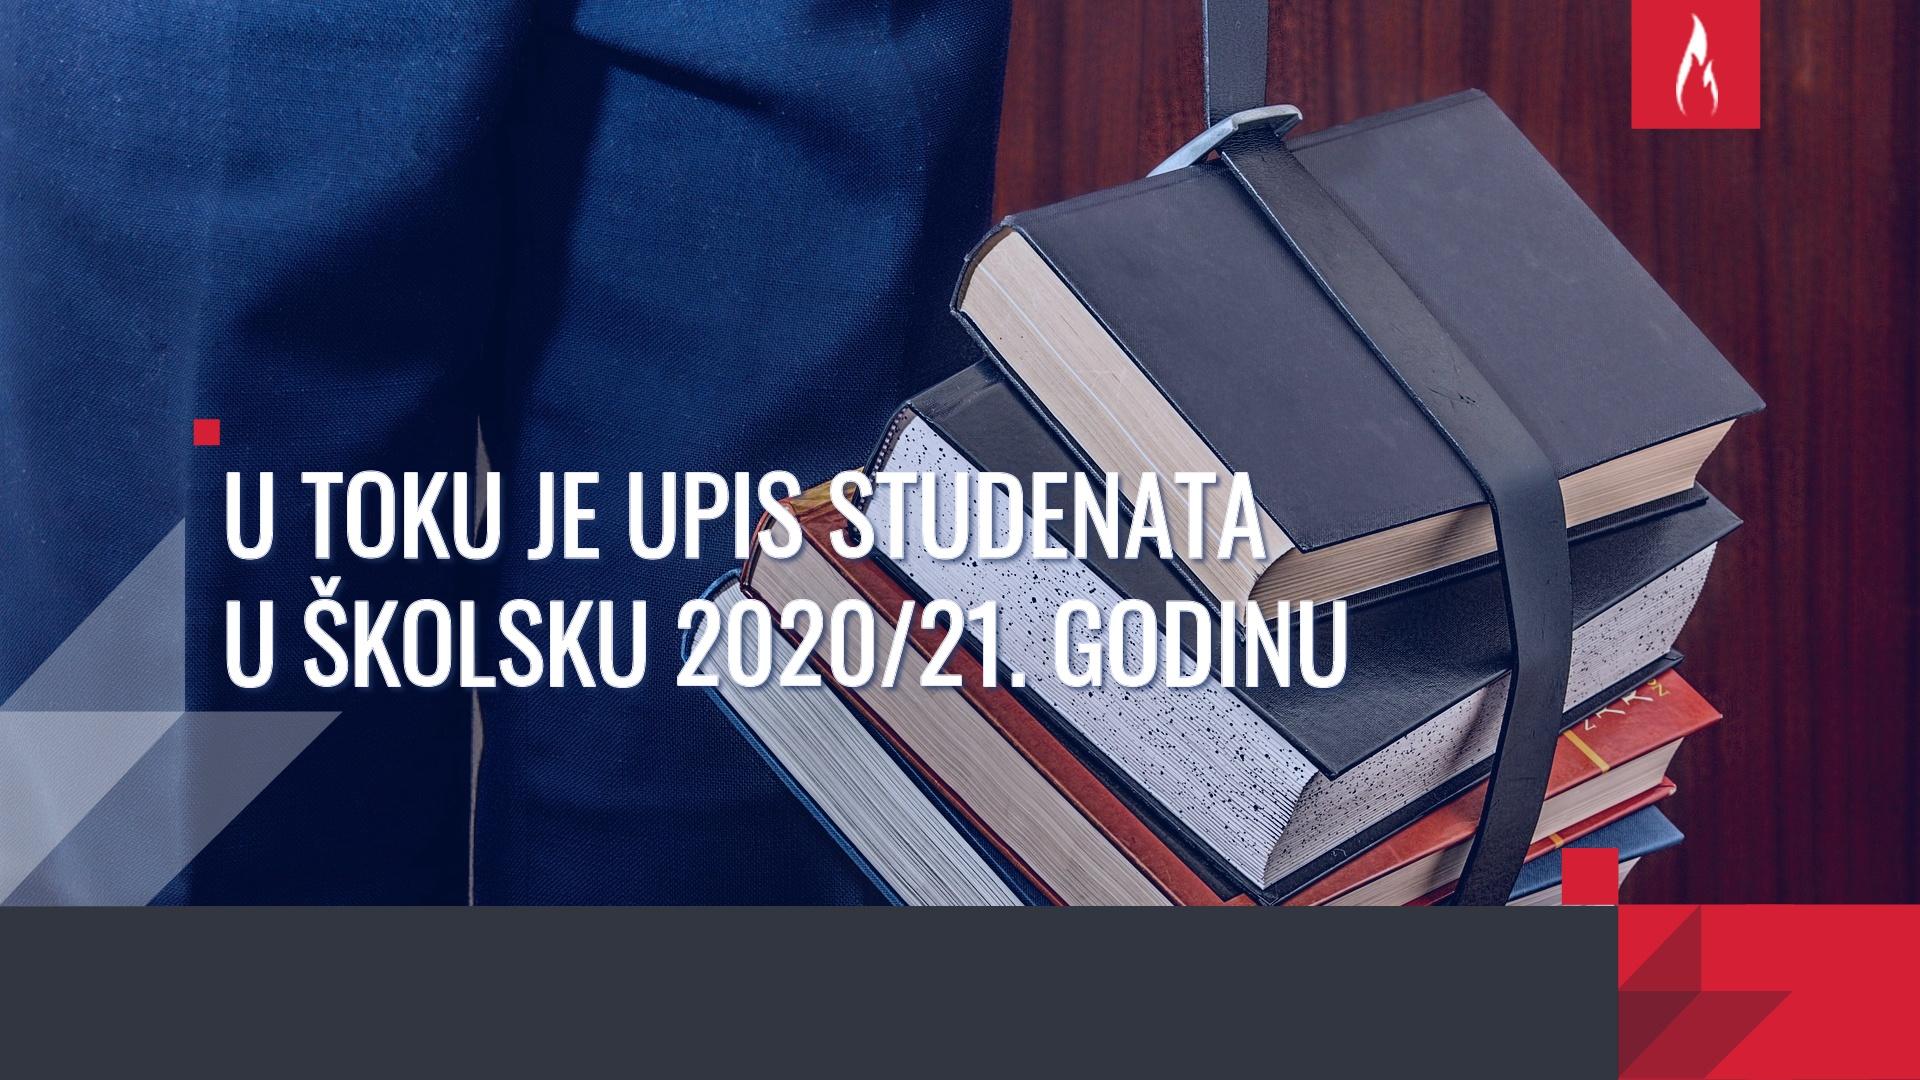 Konkurs za upis studenata u školsku 2020/21. godinu